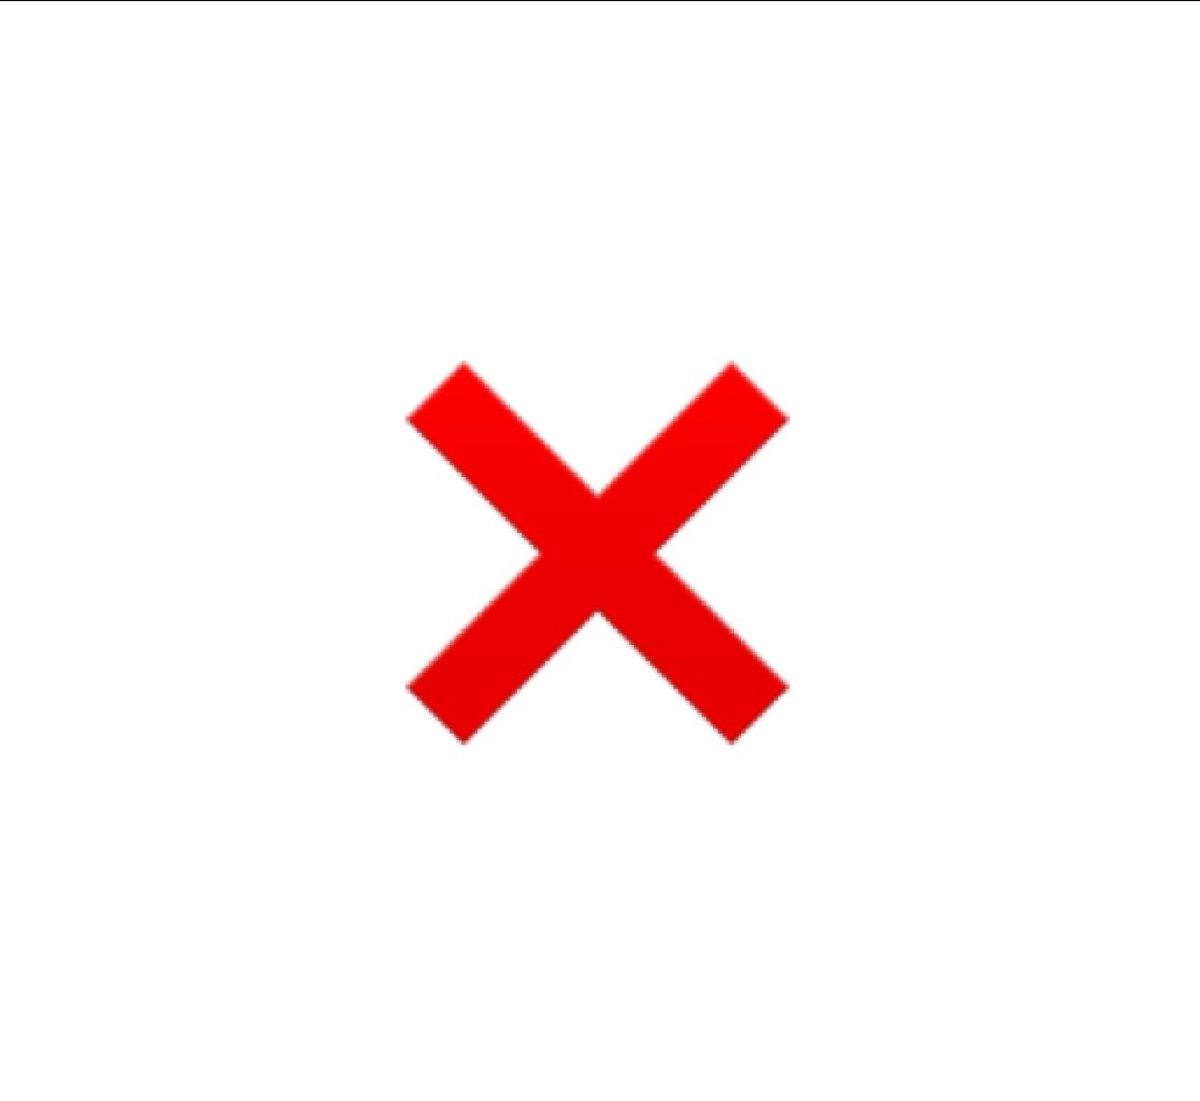 анимация крестик красный есть практически под